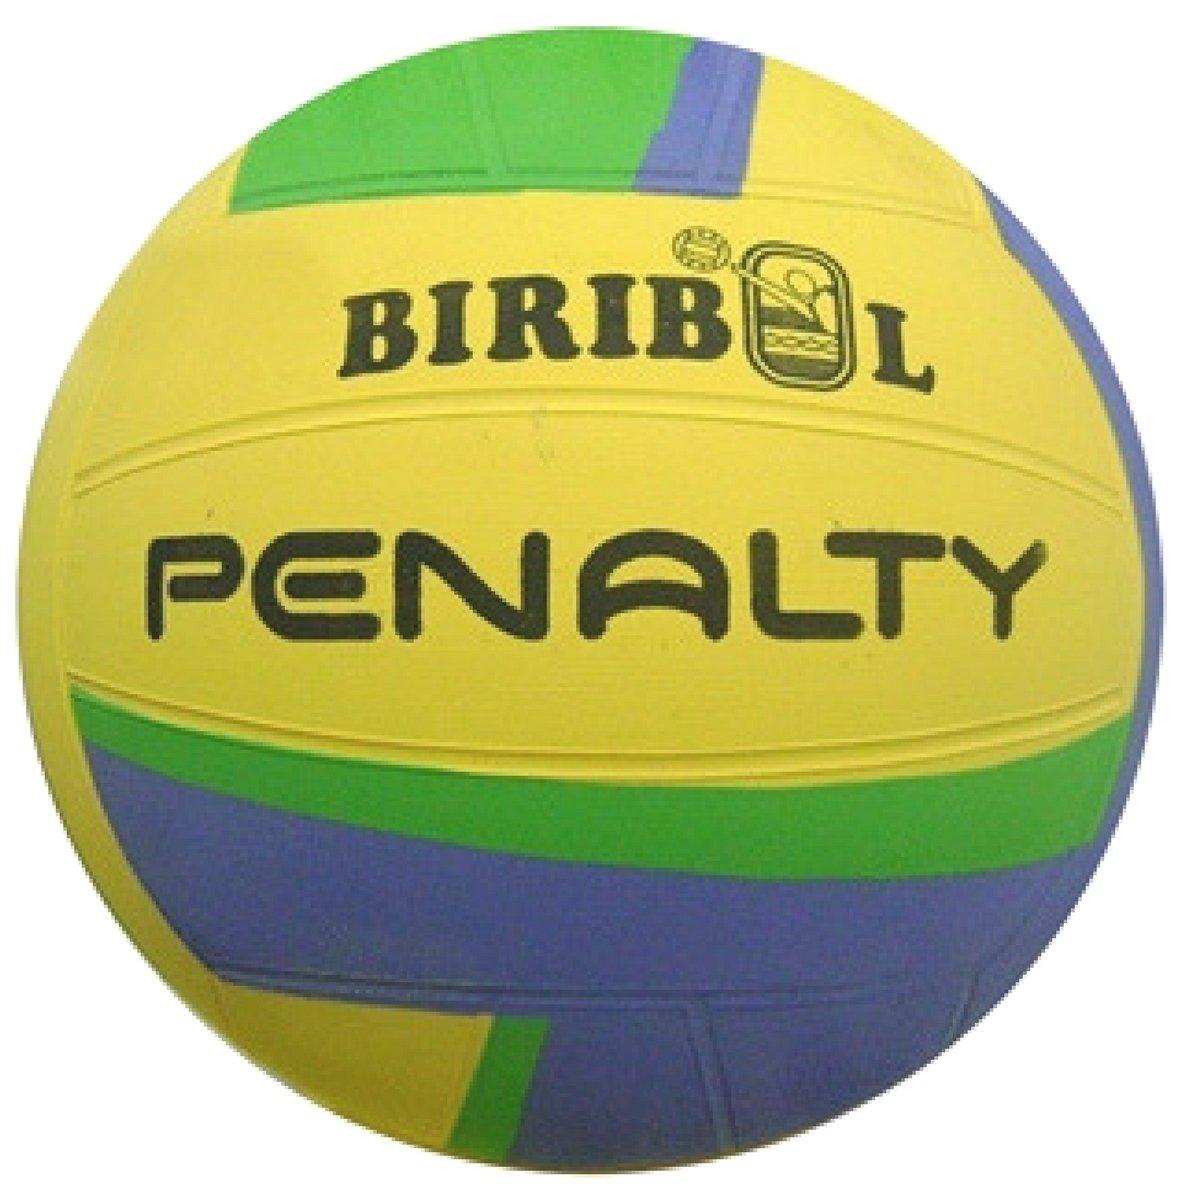 Bola Penalty Biribol Pro 6 Volei Piscina - Compre Agora  d6ea8bc0a8d5b